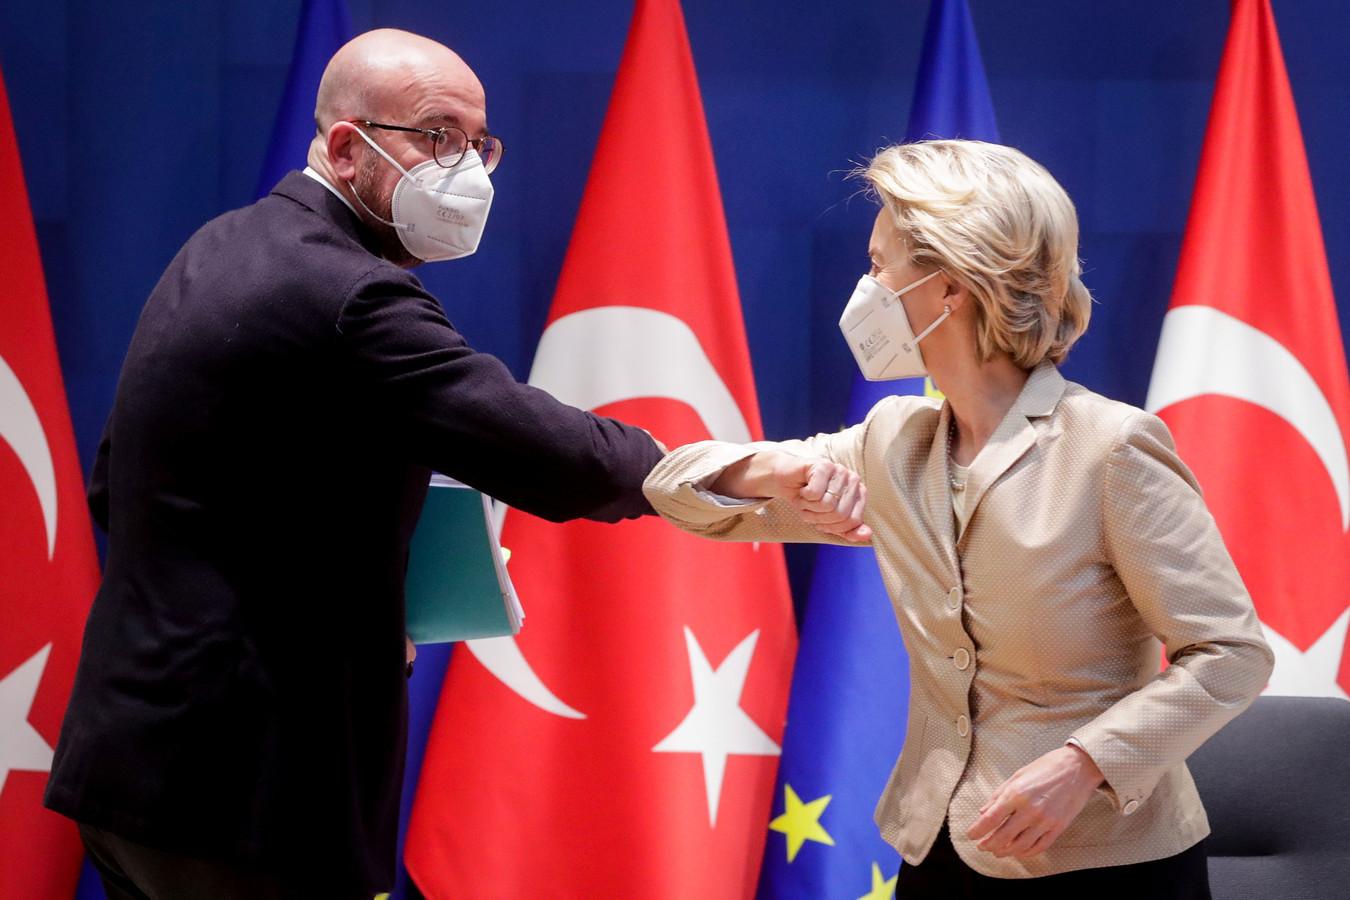 Charles Michel, président du Conseil européen, et Ursula von der Leyen, présidente de la Commission européenne